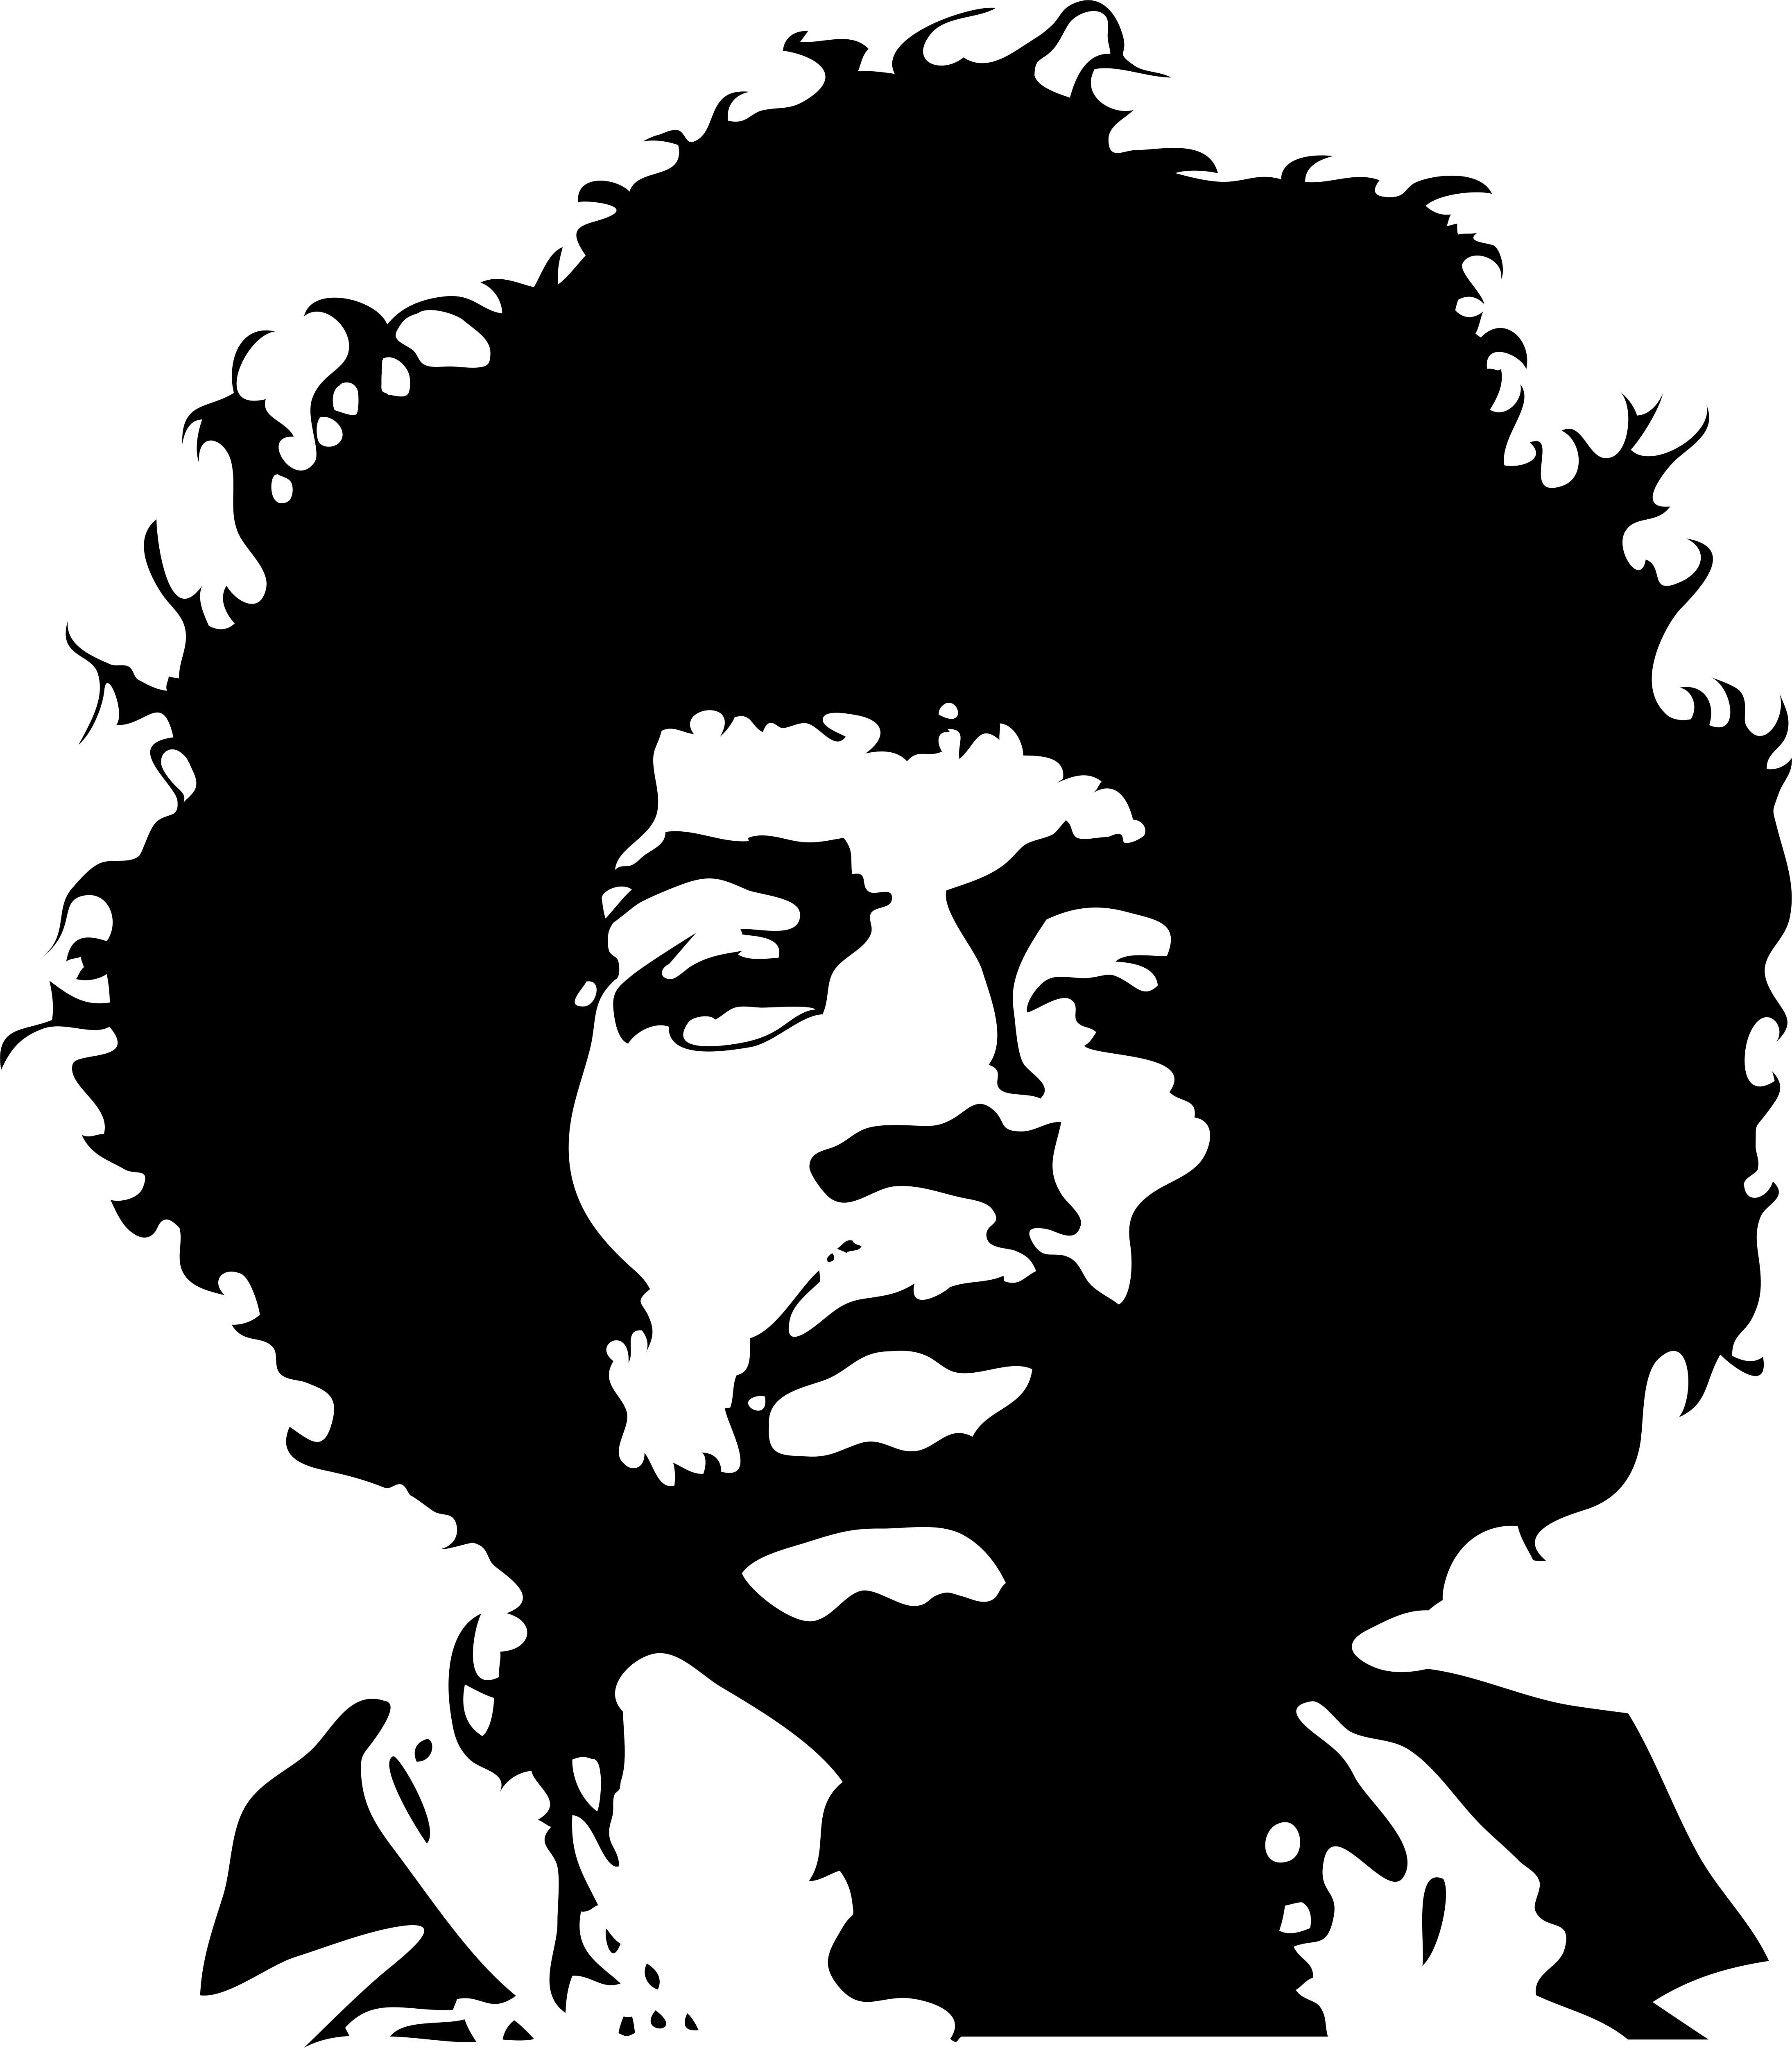 Jimi Hendrix Silhouette Tattoo.